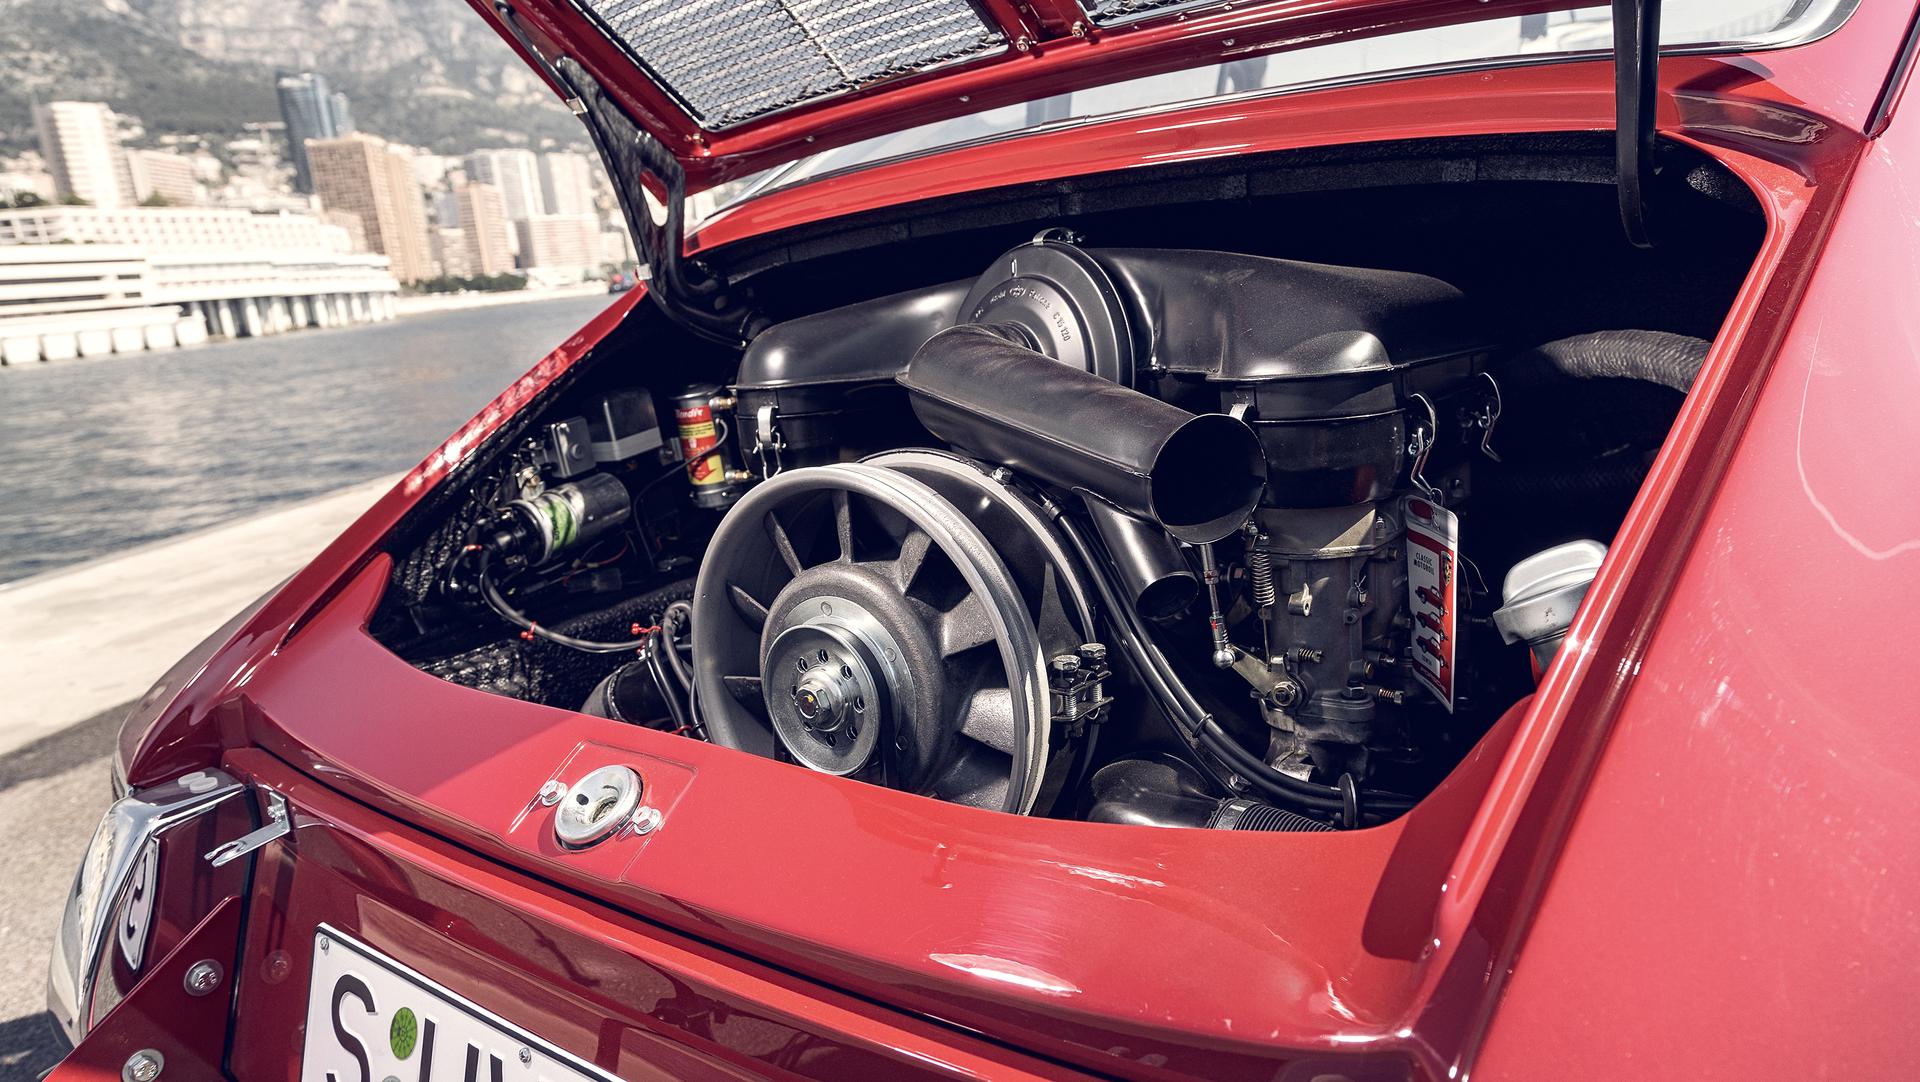 Porsche Monte Carlo 911 1965 Two Liter Six Cylinder Boxer Engine Porsche Ag